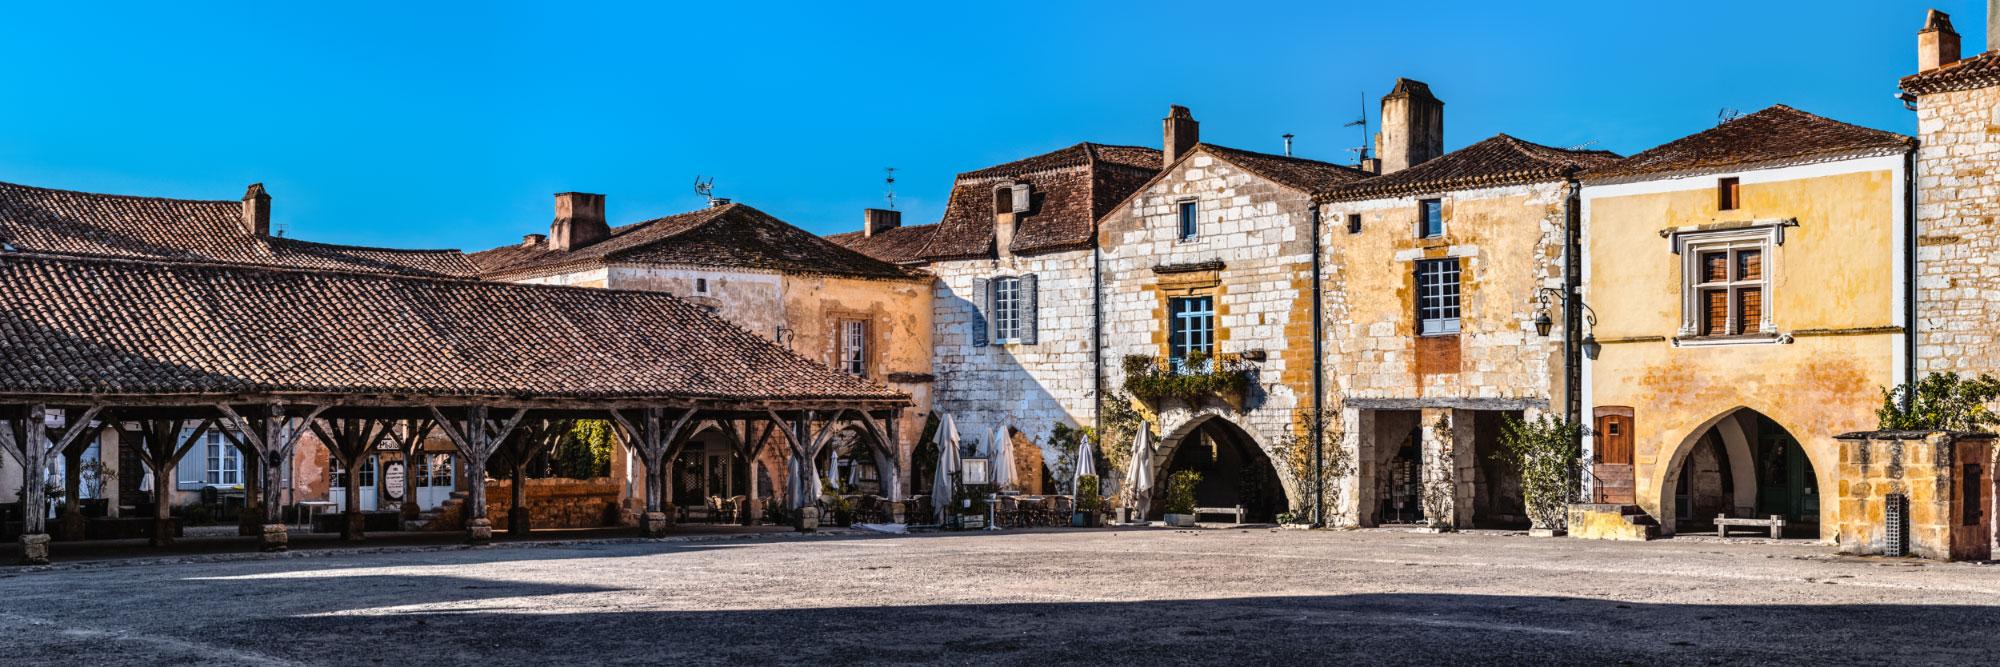 Halle et place des arcades de la bastide médiévale de Monpazier